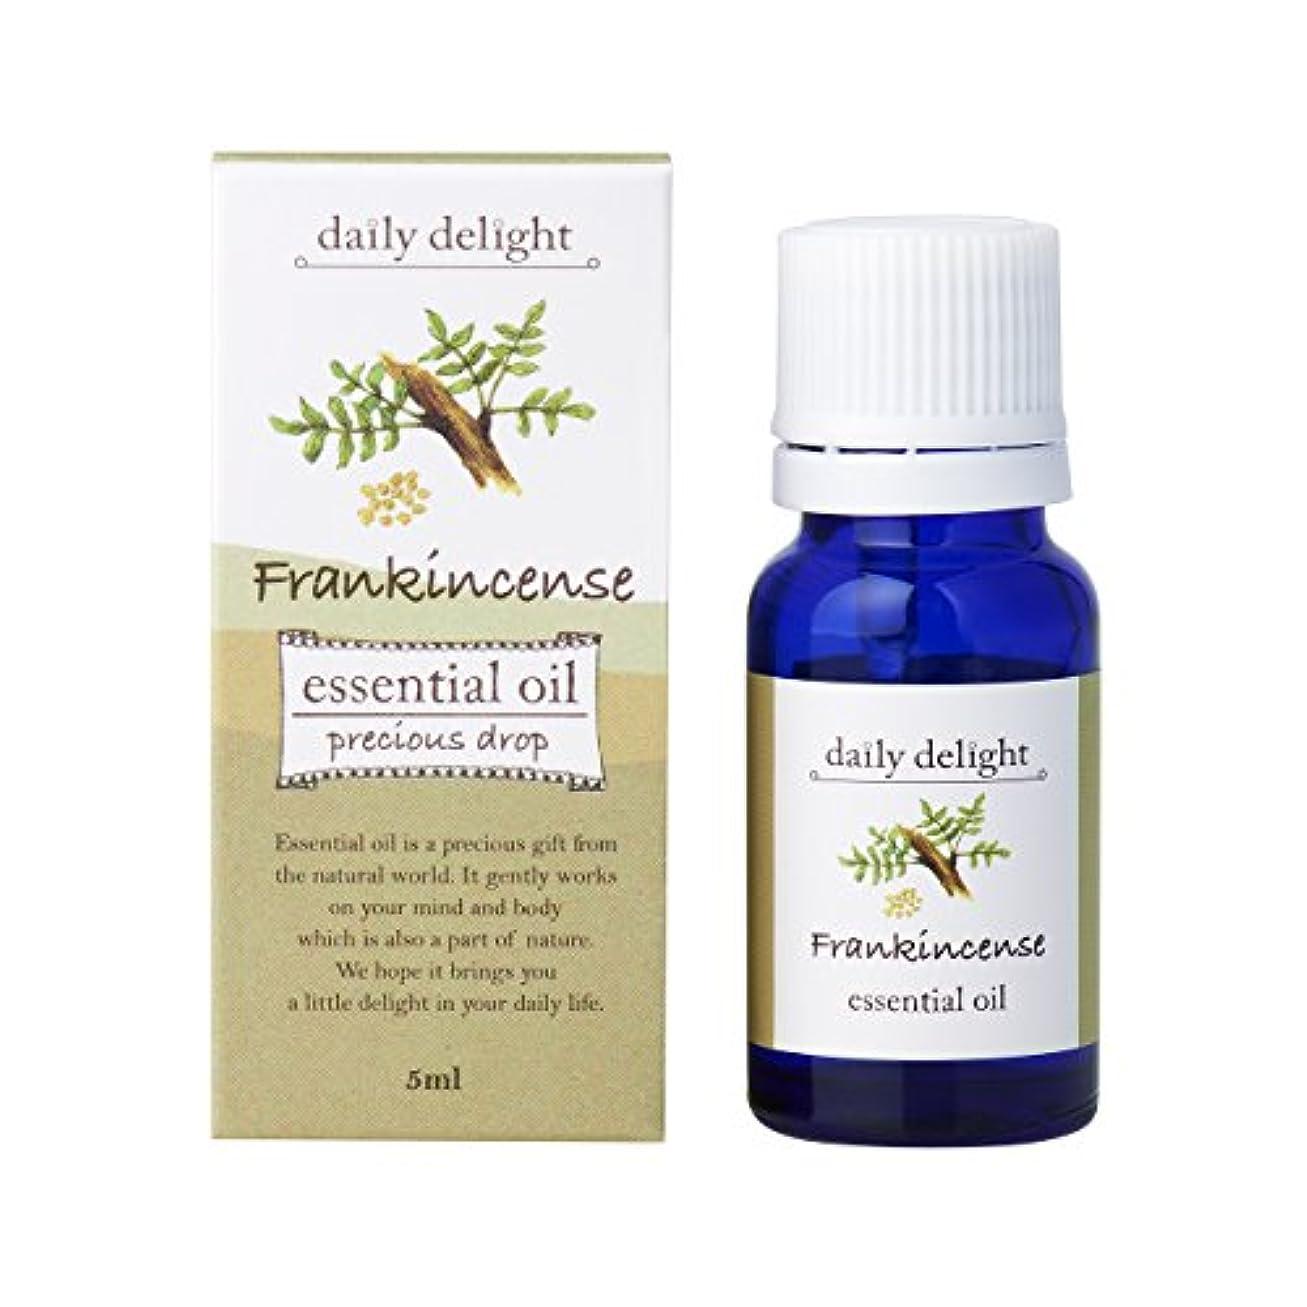 正直感謝正規化デイリーディライト エッセンシャルオイル フランキンセンス 5ml(天然100% 精油 アロマ 樹脂系 樹脂から採れるさわやかな木の香り)